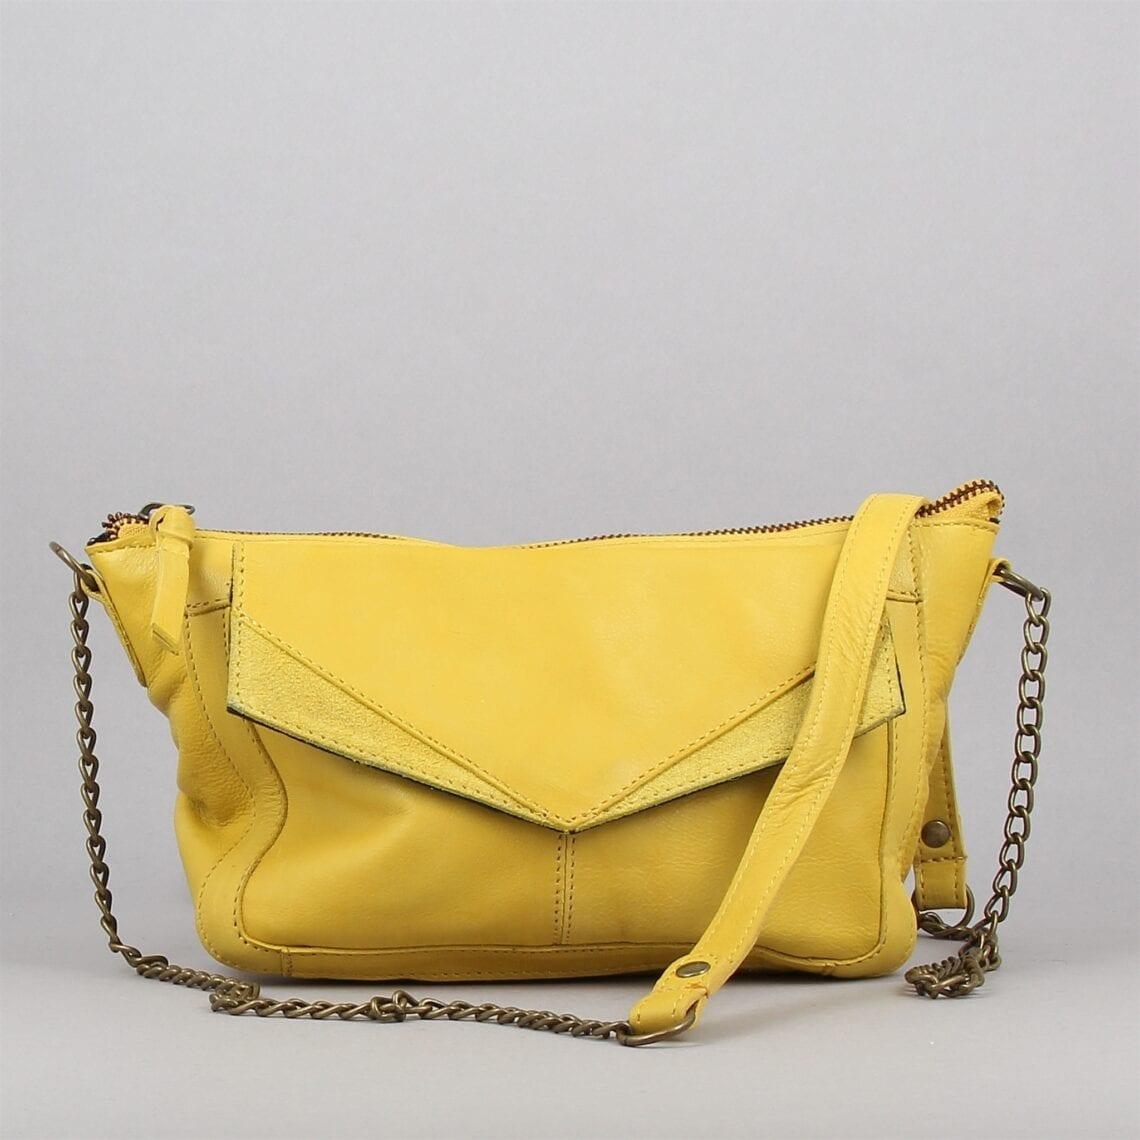 yellow-jaune-1048580-0.jpg